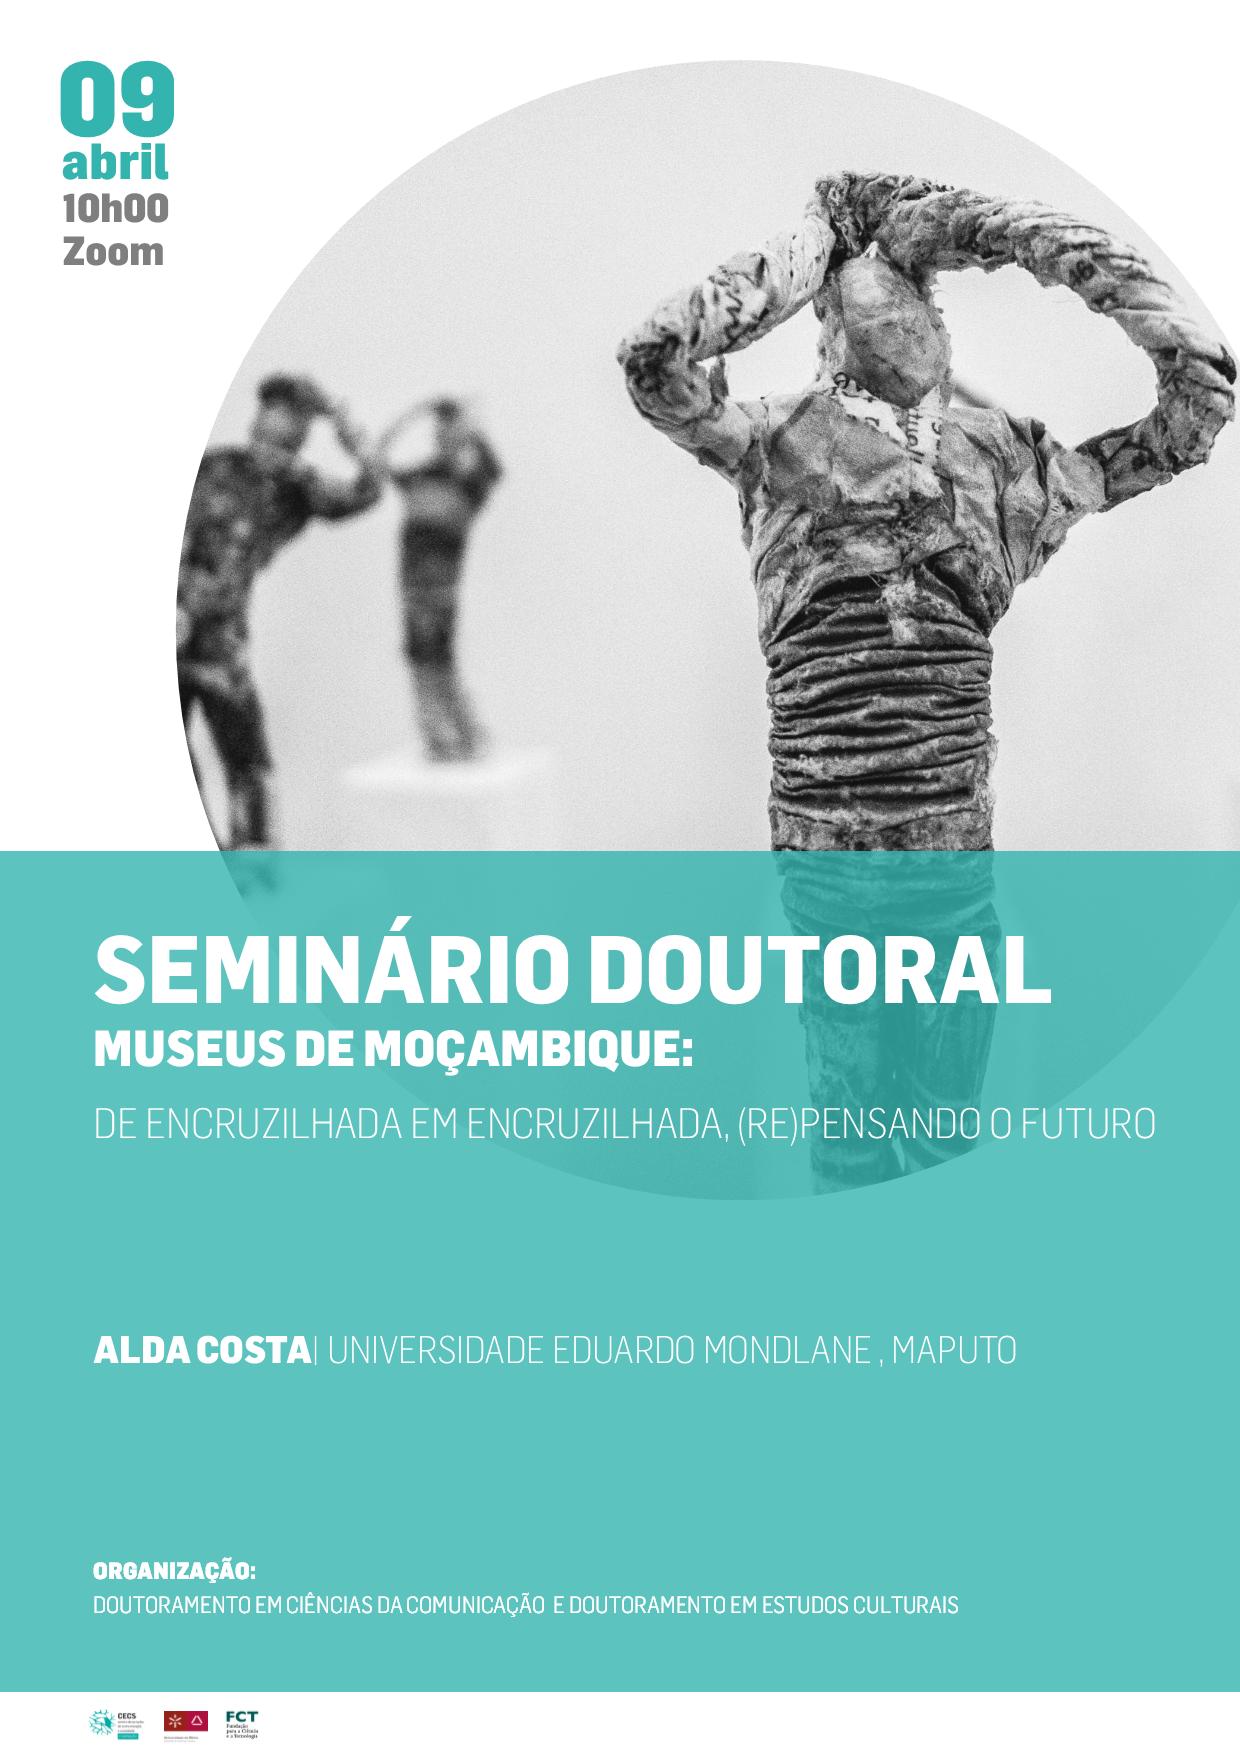 """Reveja o seminário doutoral sobre """"Museus de Moçambique: de encruzilhada em encruzilhada, (re)pensando o futuro"""""""